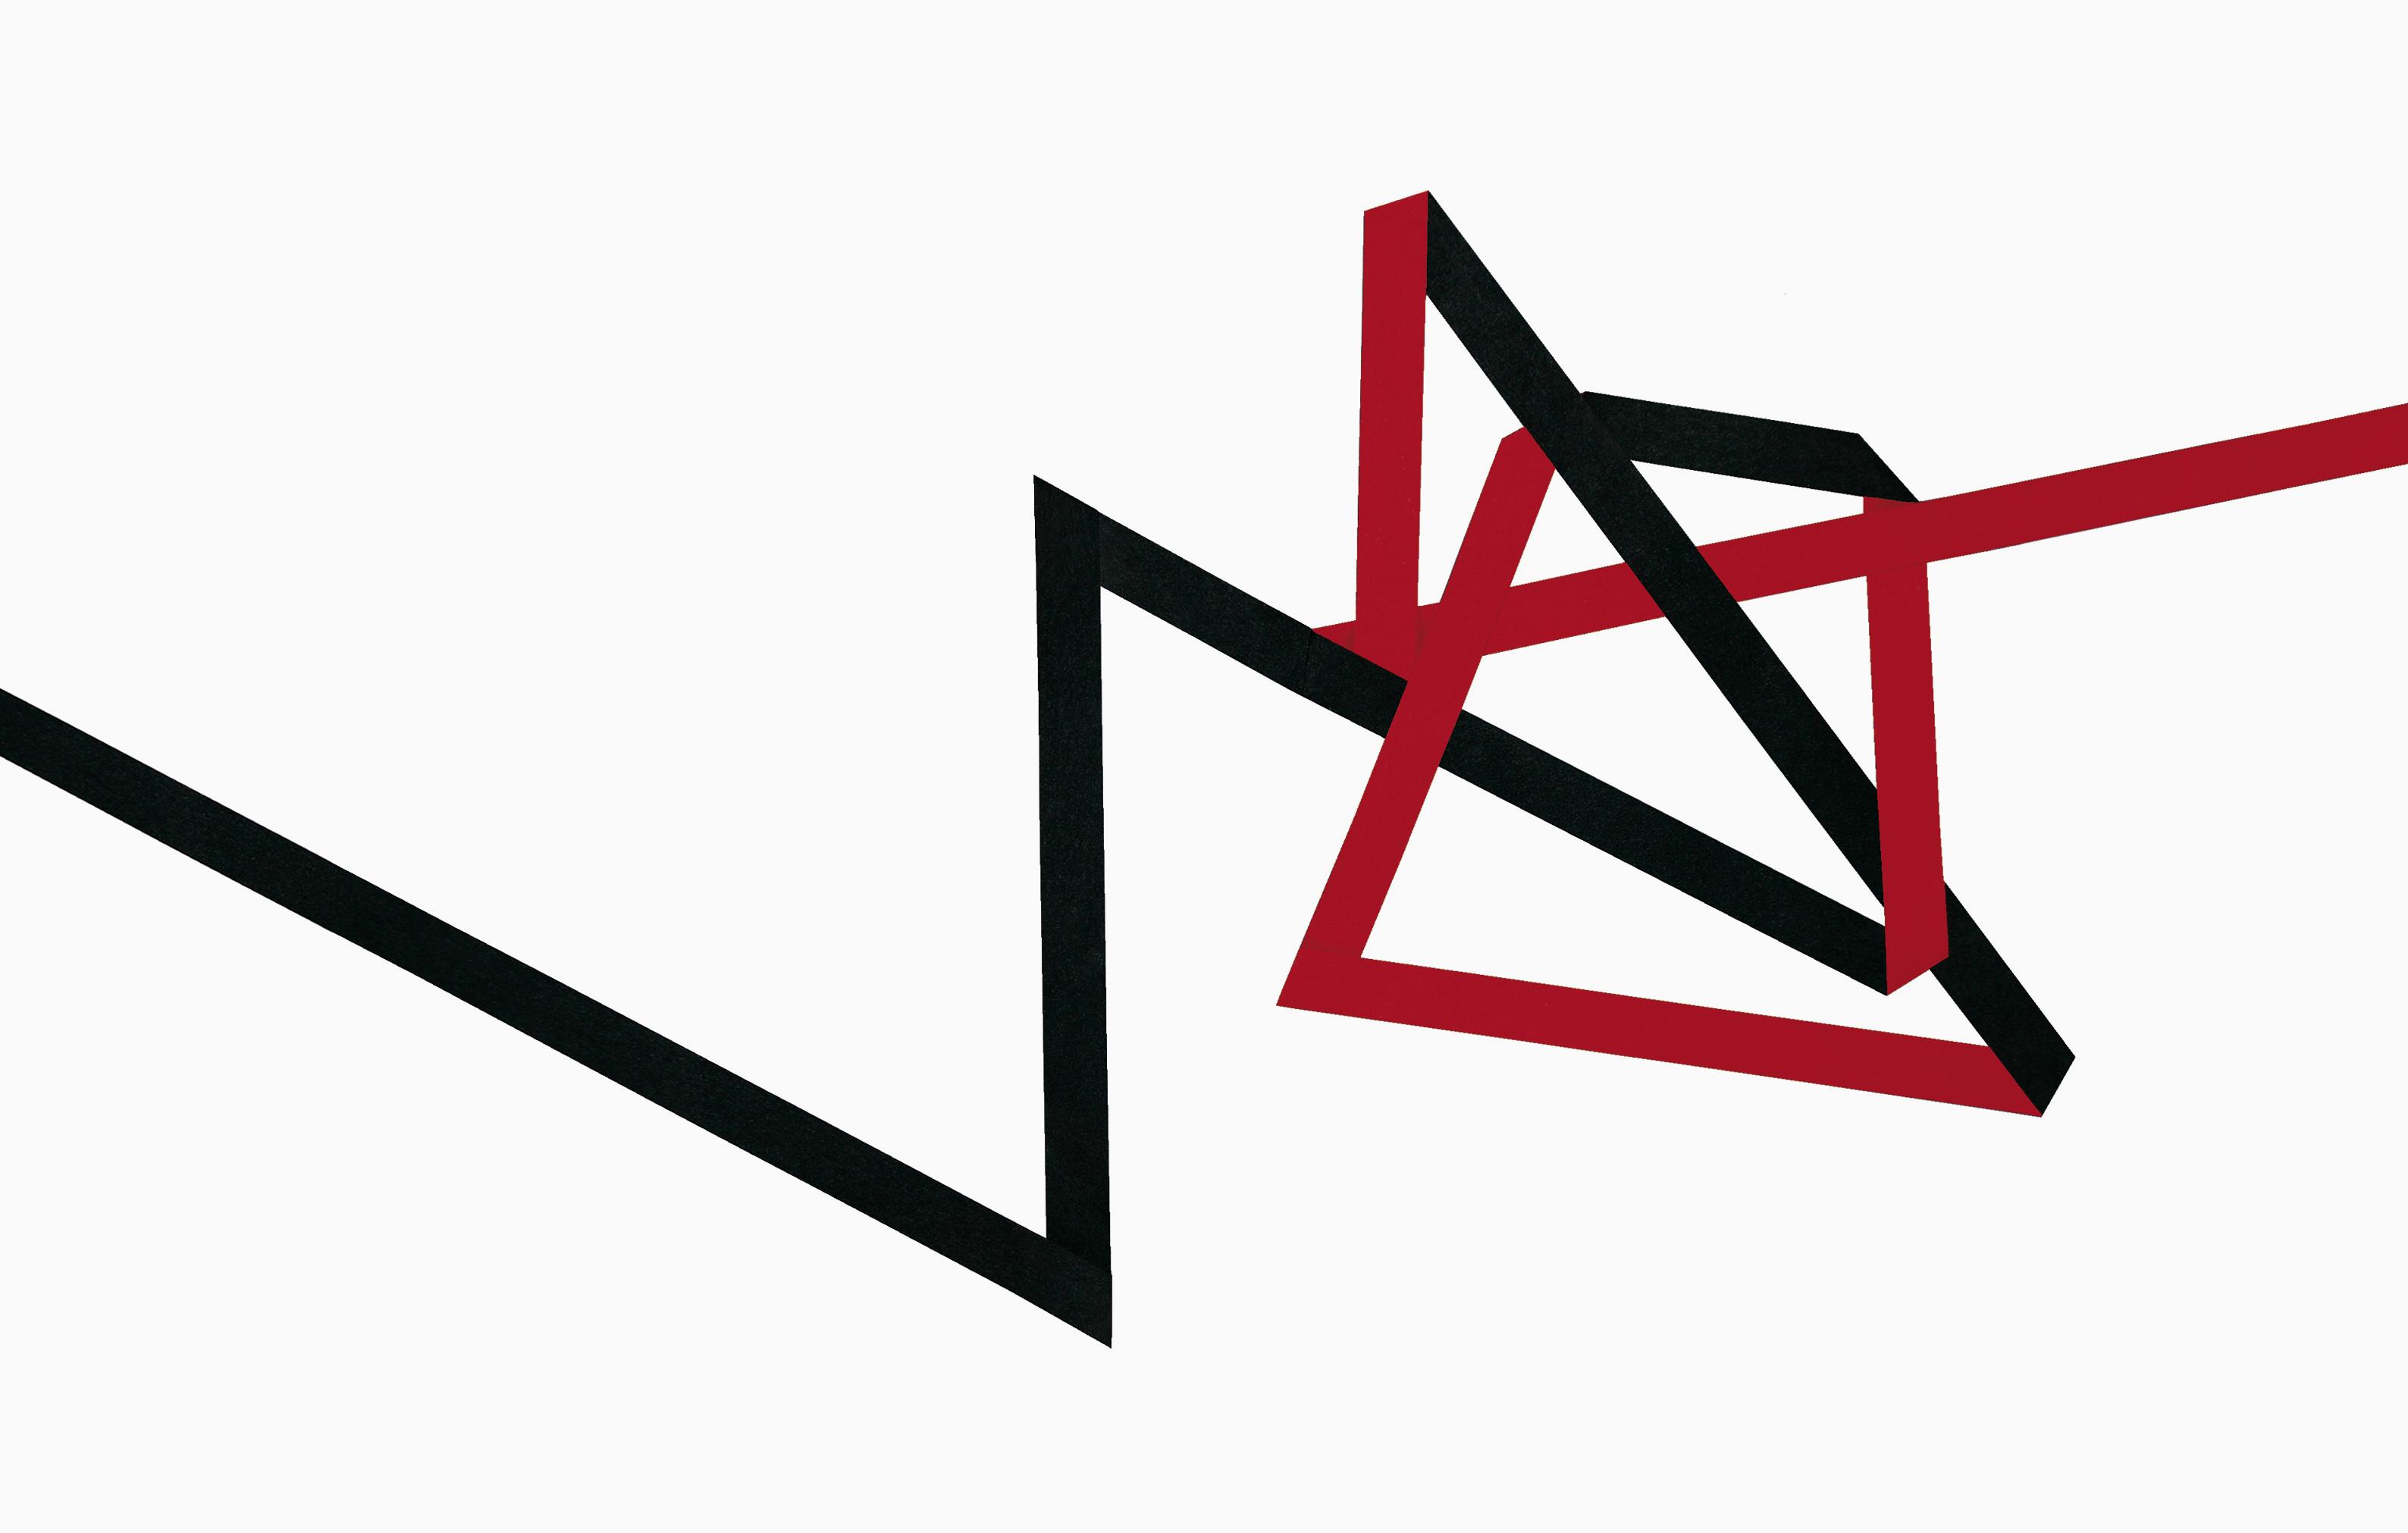 4. motiv, 60 x 80 cm, papierband, 2bg., gefaltet